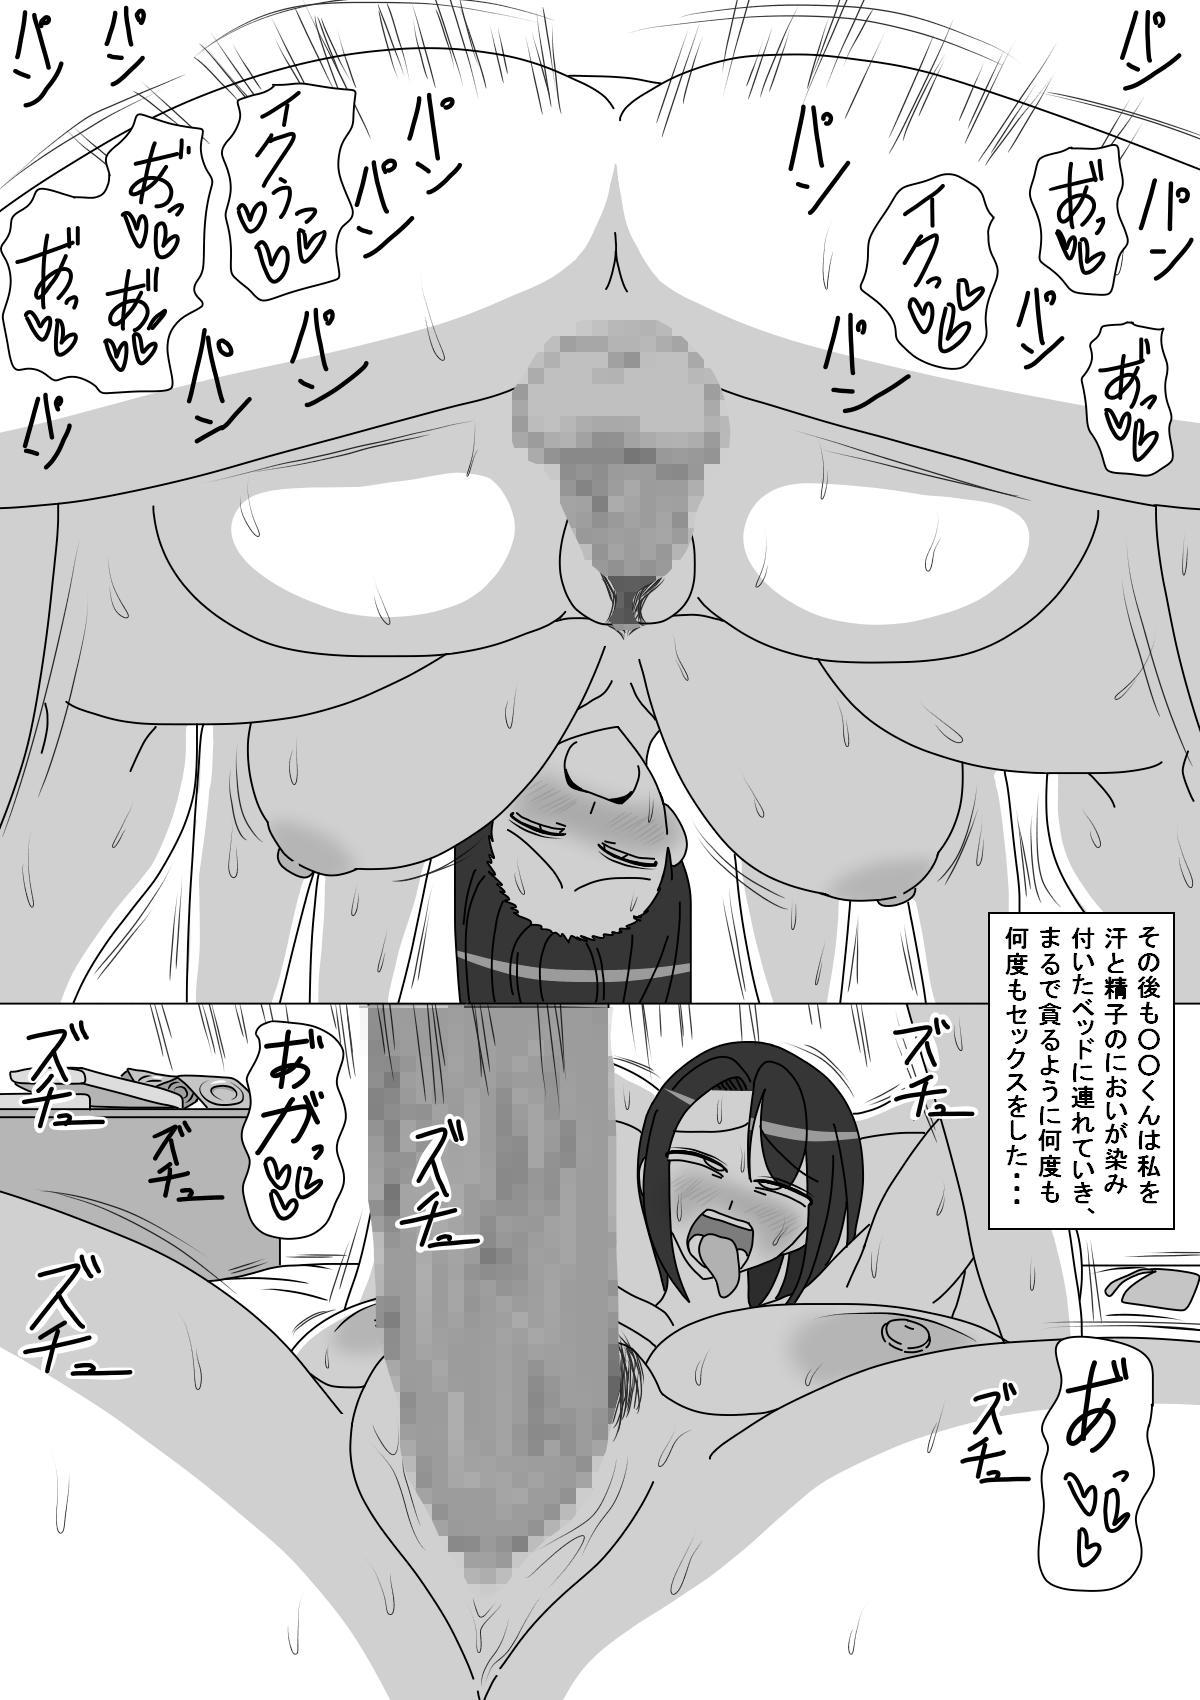 Kanae-san 21